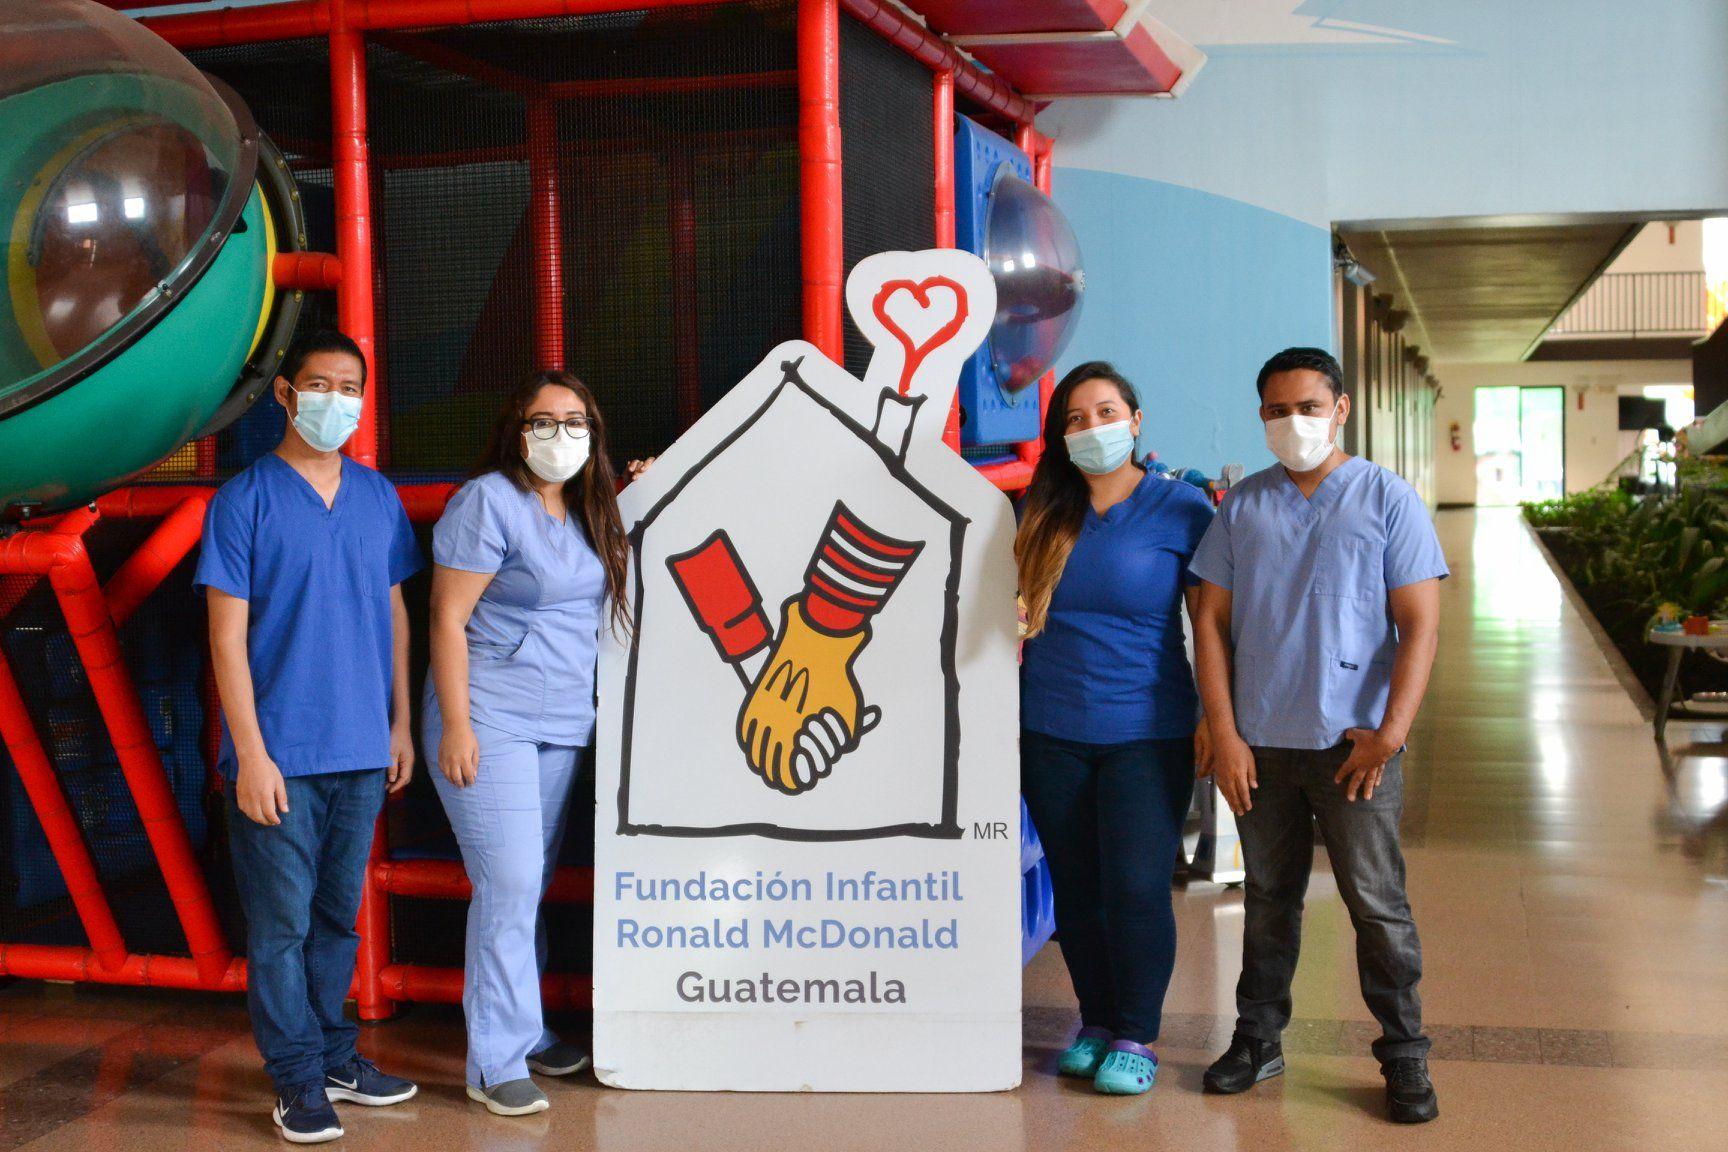 Encuentro Pediátrico Internacional 2020 Guatemala